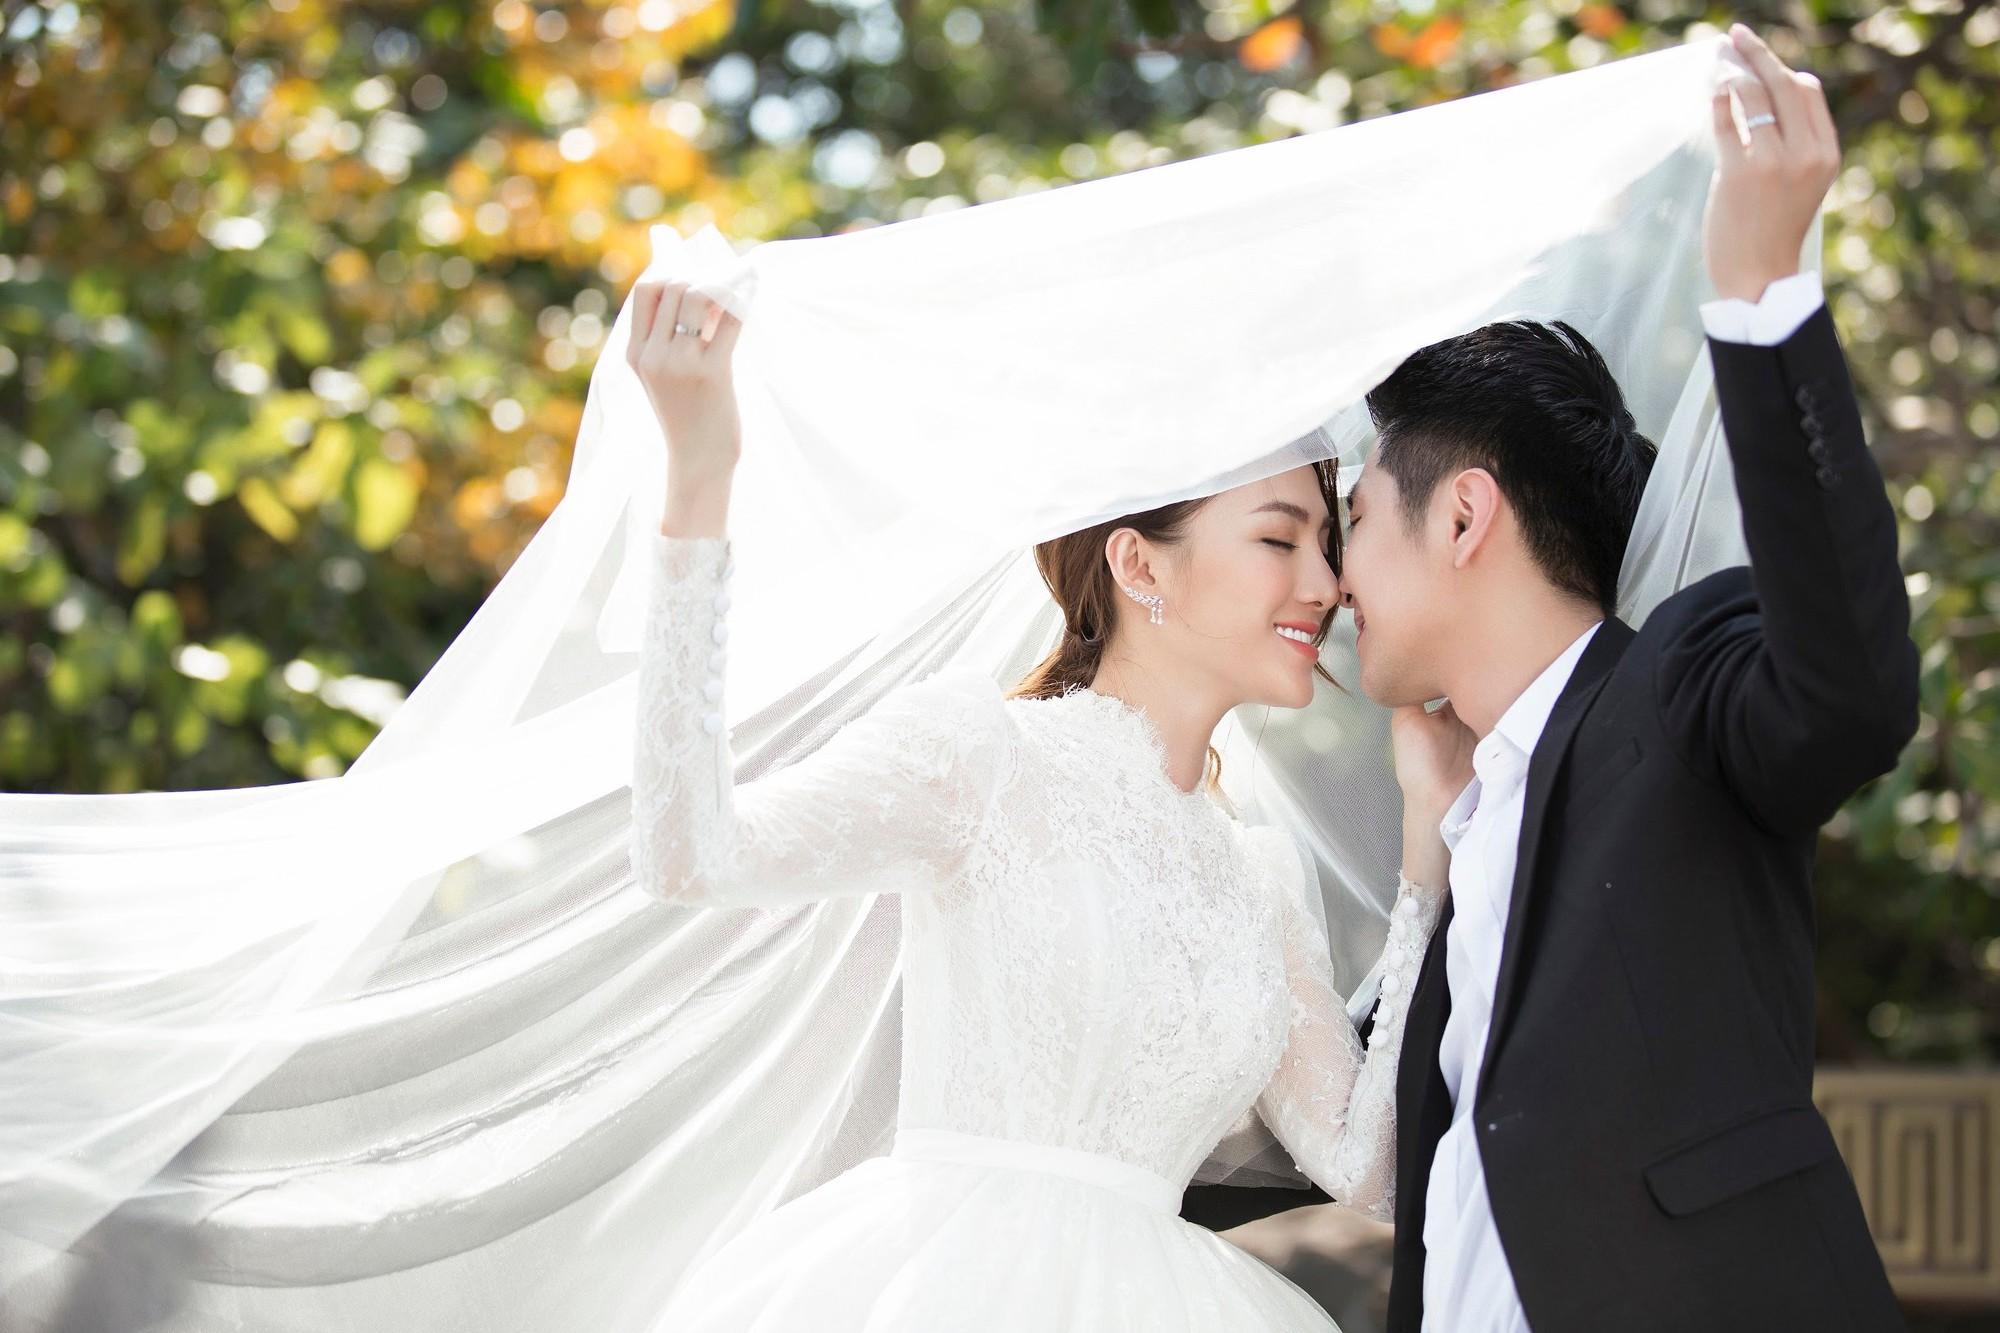 Cận ngày trọng đại, Lê Hà tung trọn bộ ảnh cưới lãng mạn chẳng kém phim Hàn cùng hôn phu điển trai - Ảnh 10.